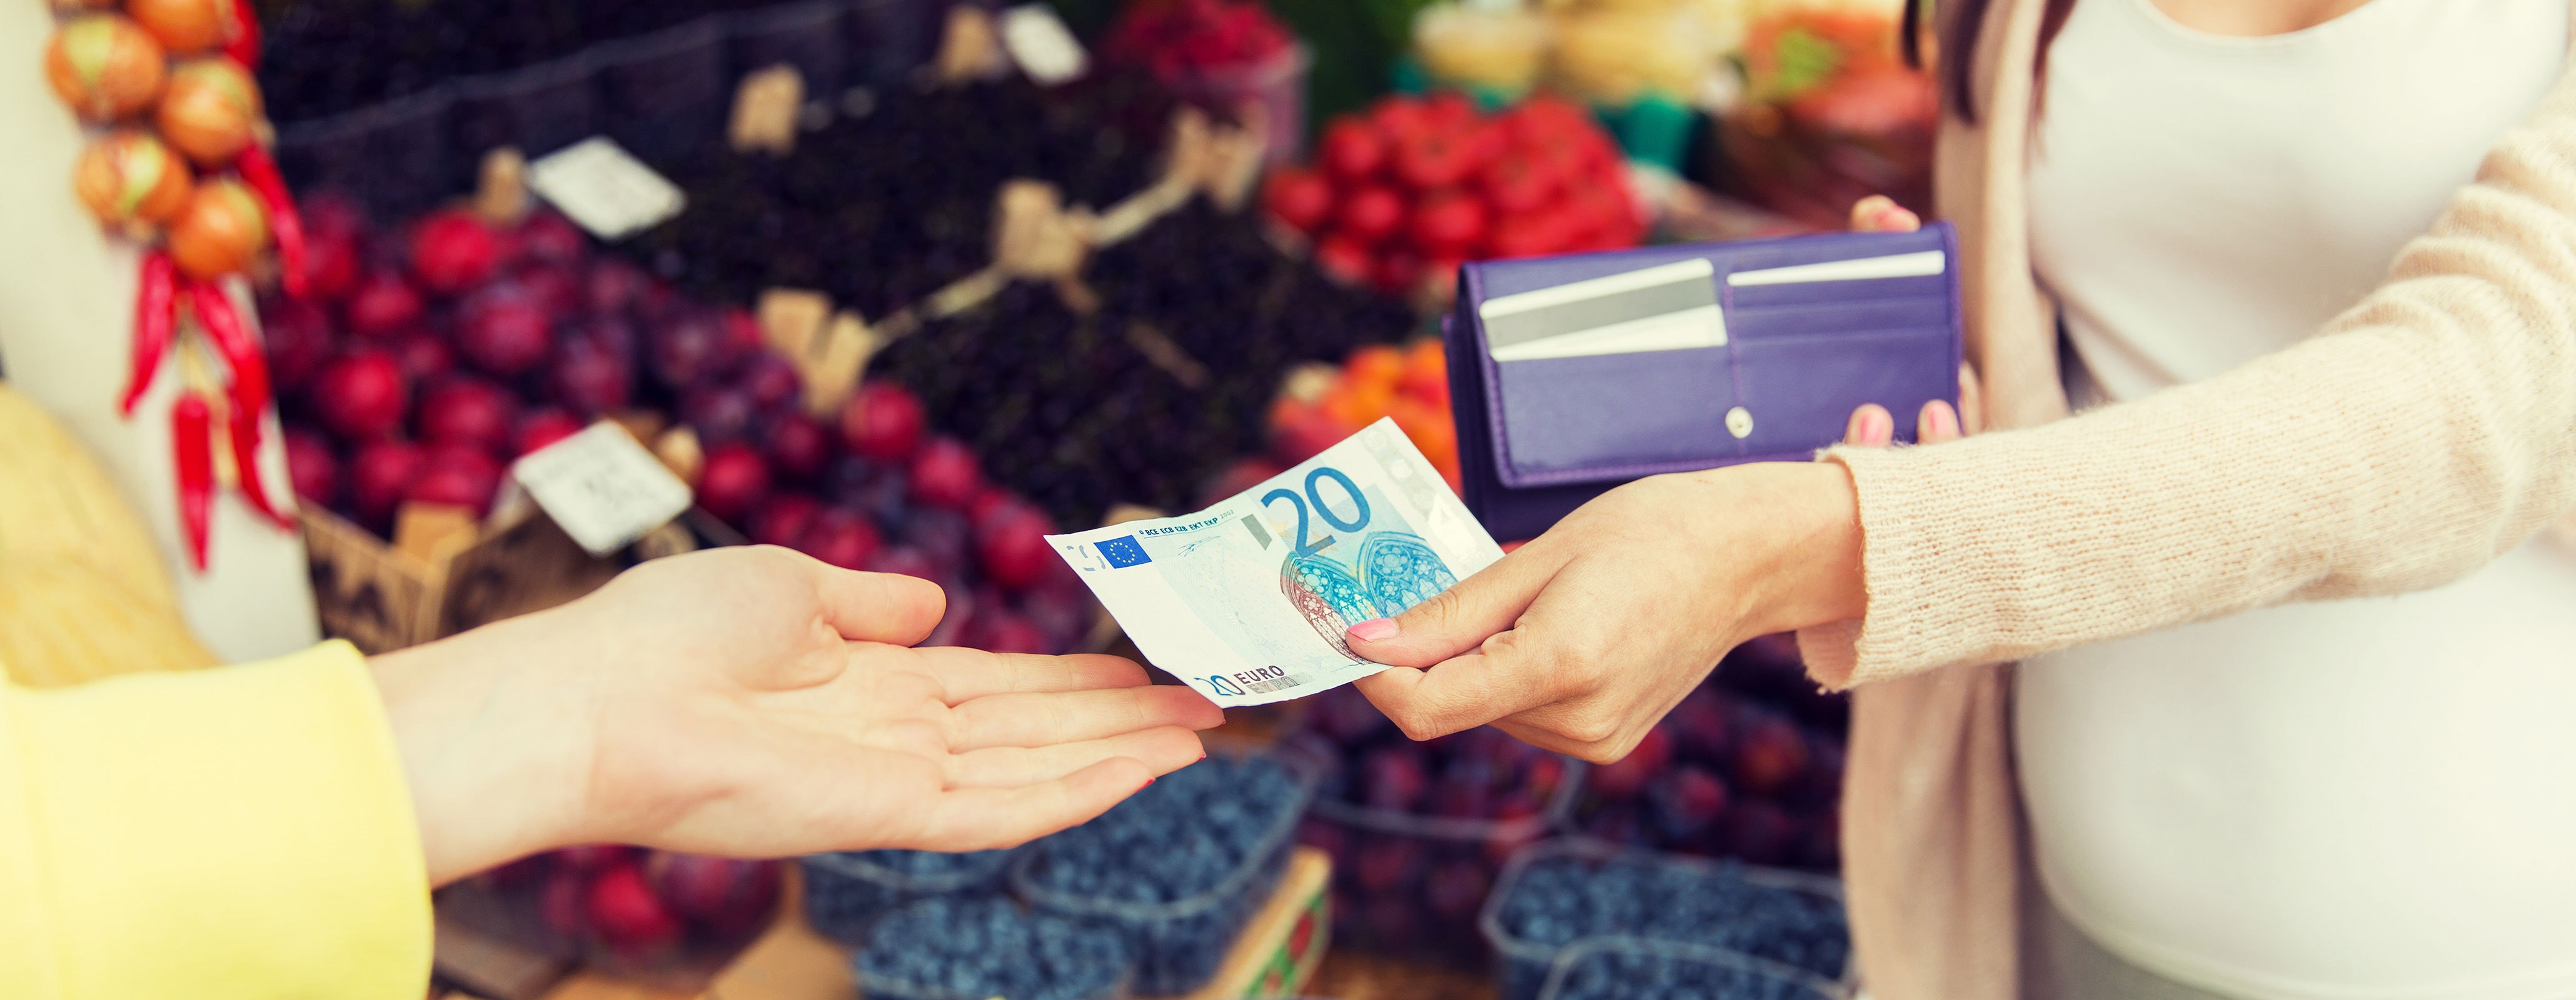 Vrouw betaalt met contant geld